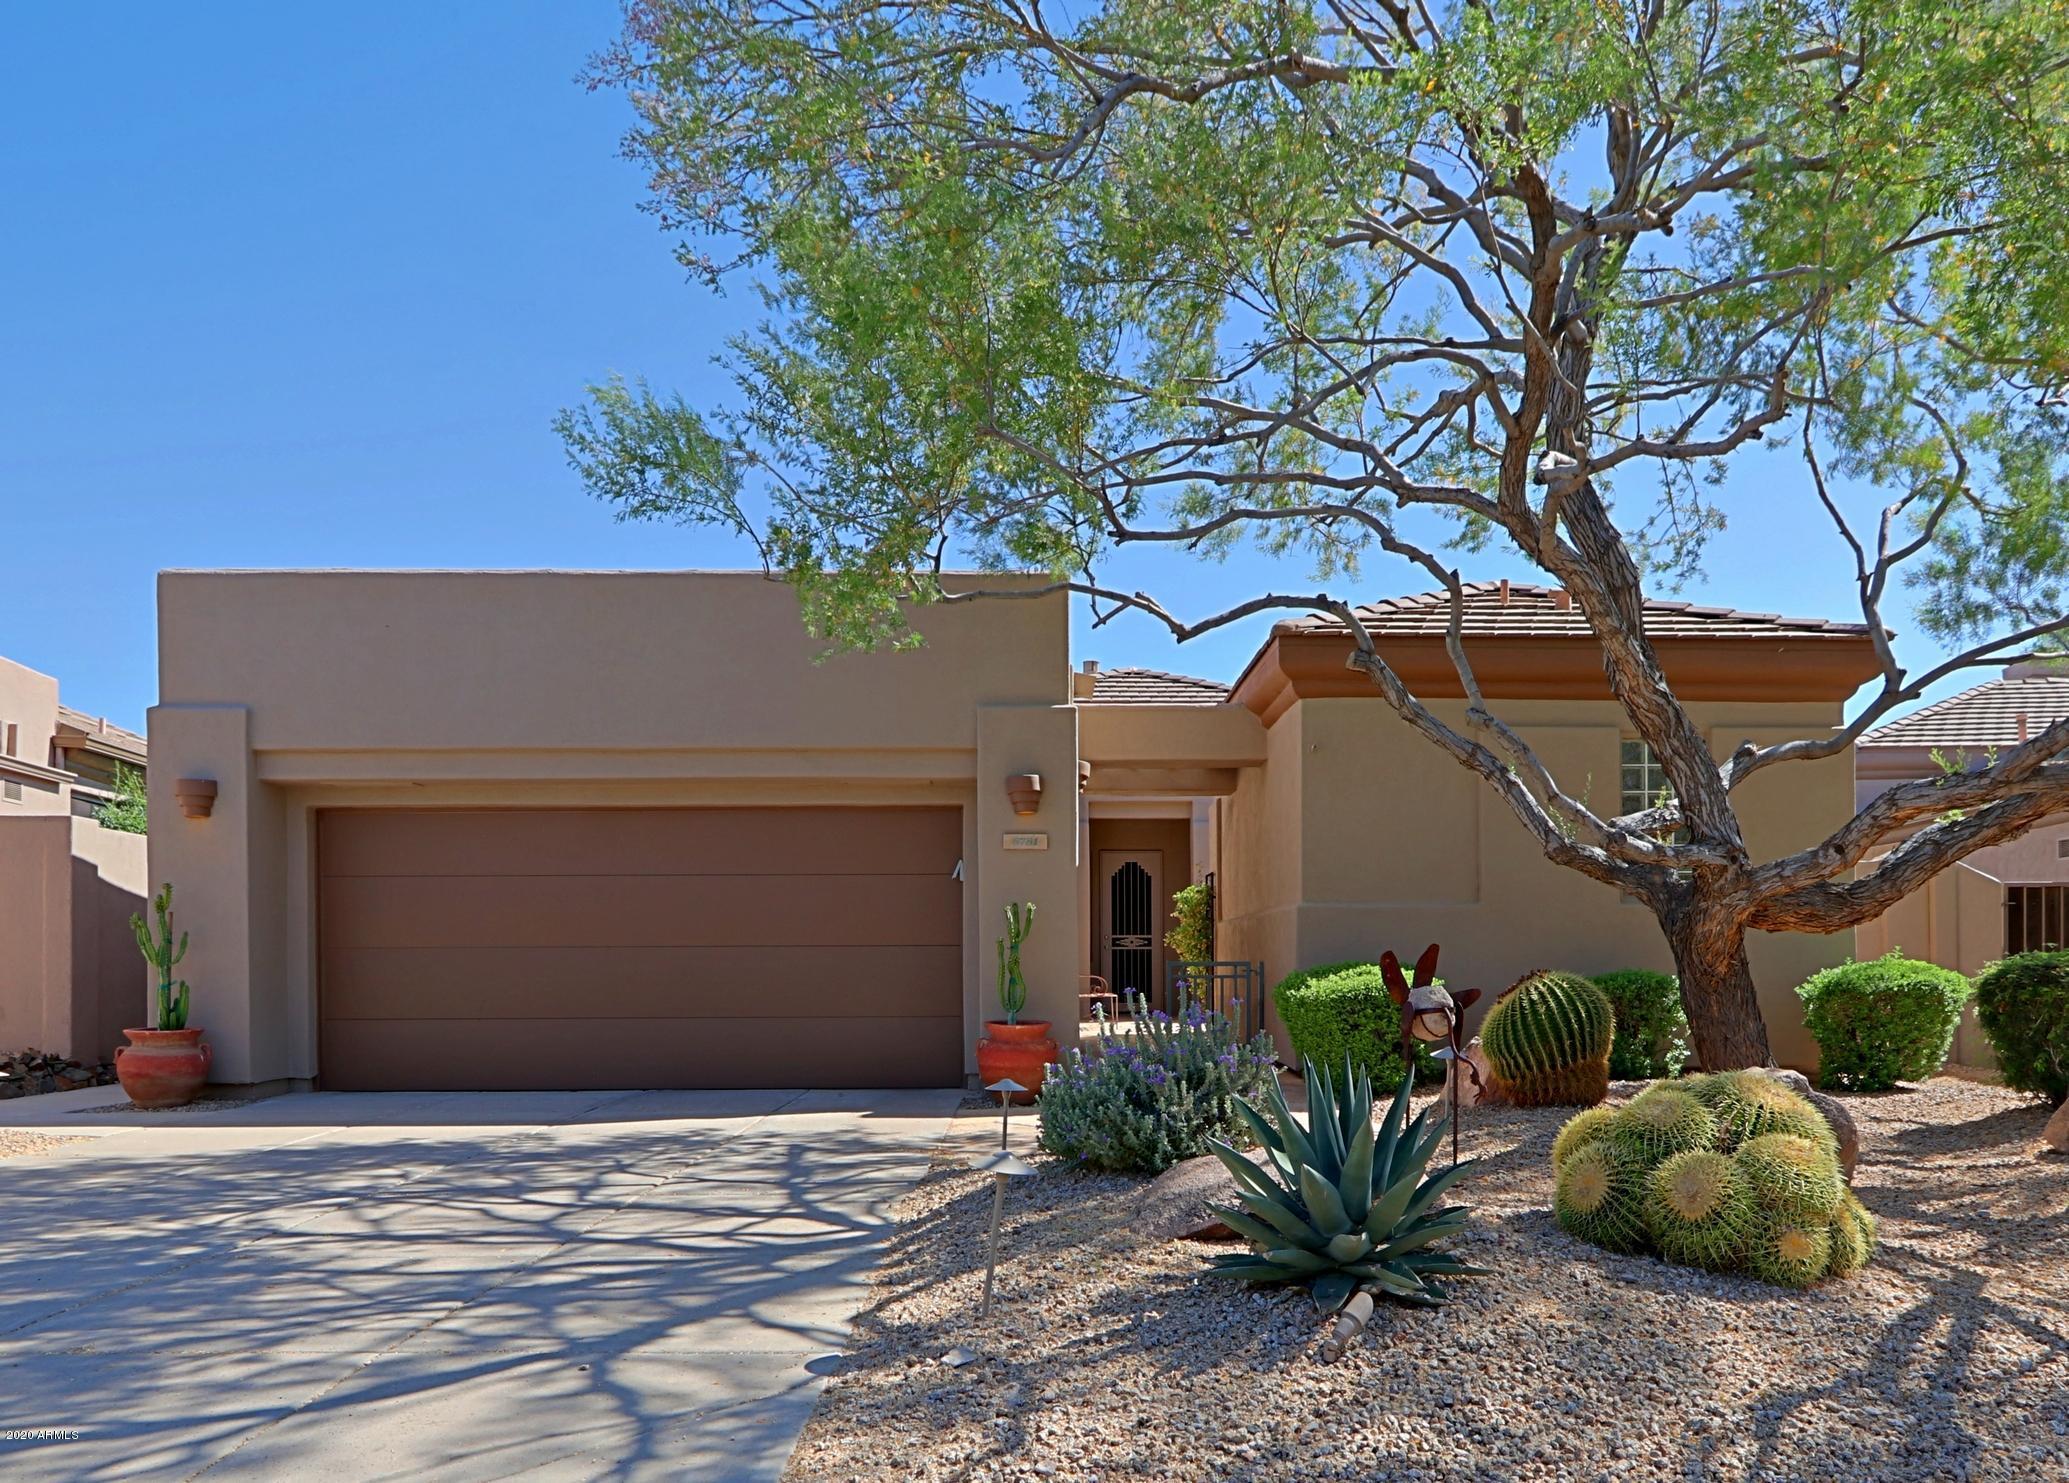 Photo of 6781 E WHISPERING MESQUITE Trail, Scottsdale, AZ 85266